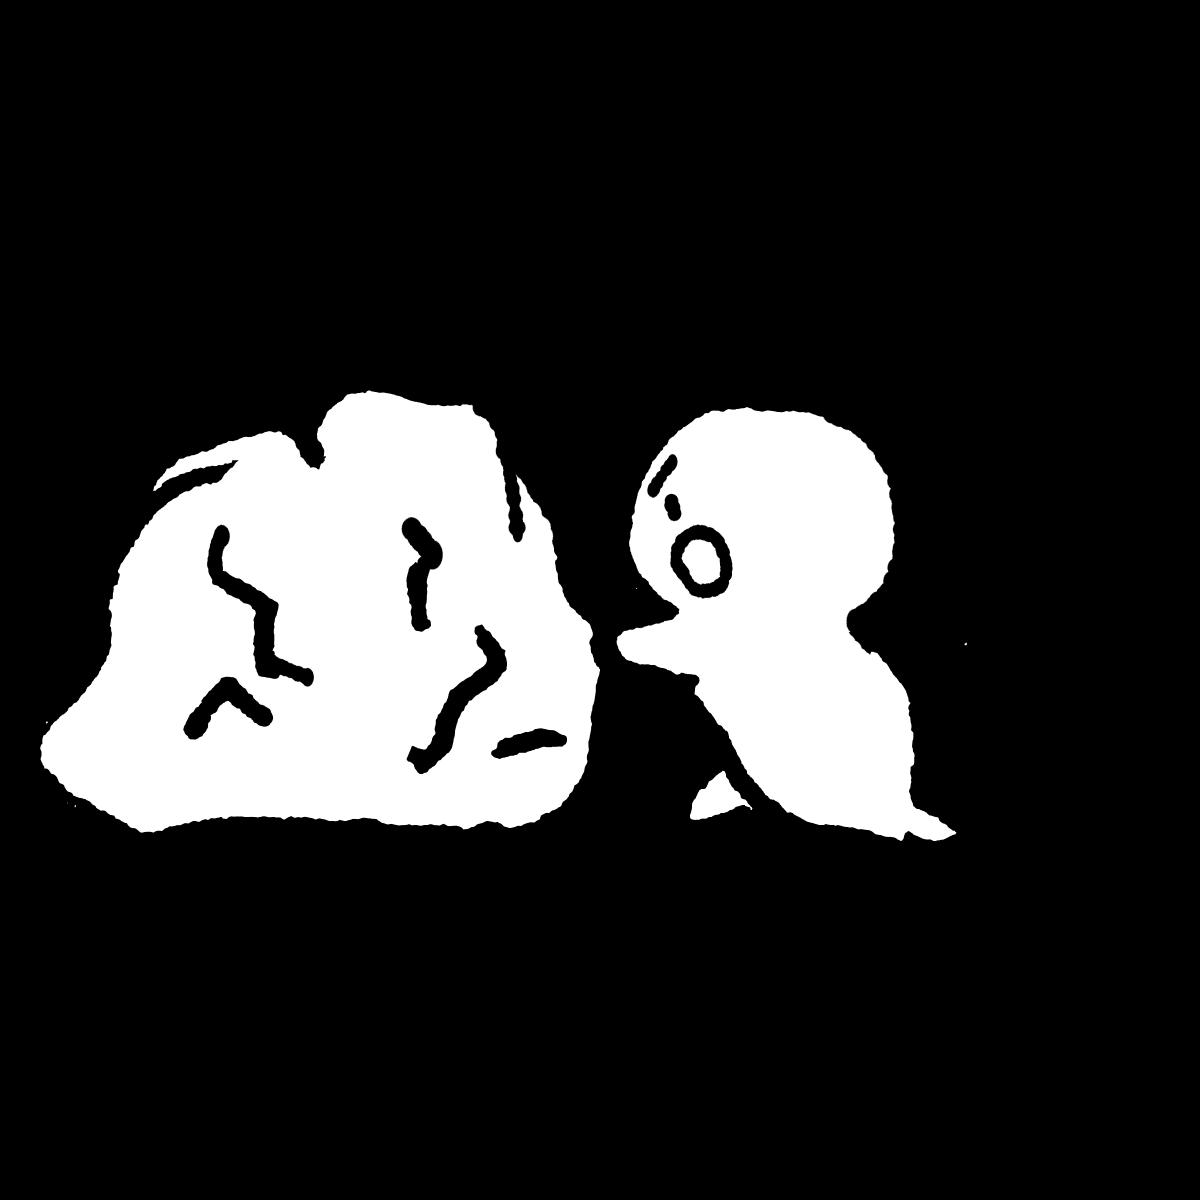 岩を動かすのイラスト Rock  Illustration